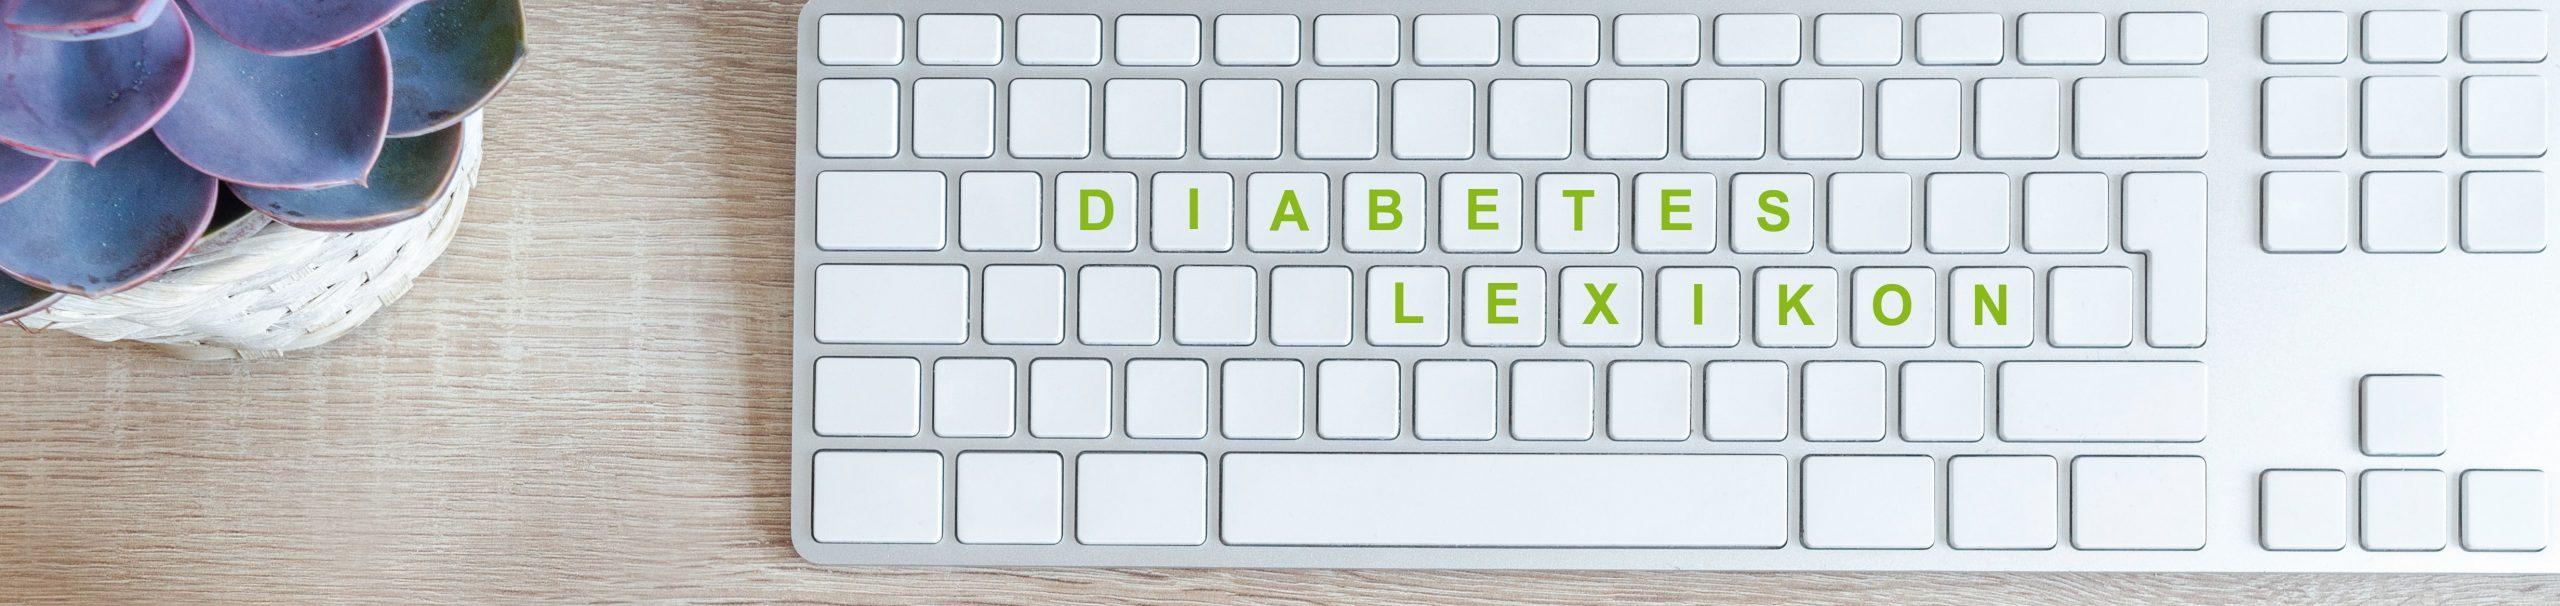 Im Diabetes-Lexikon finden Sie grundlegende Informationen zum Thema Diabetes.